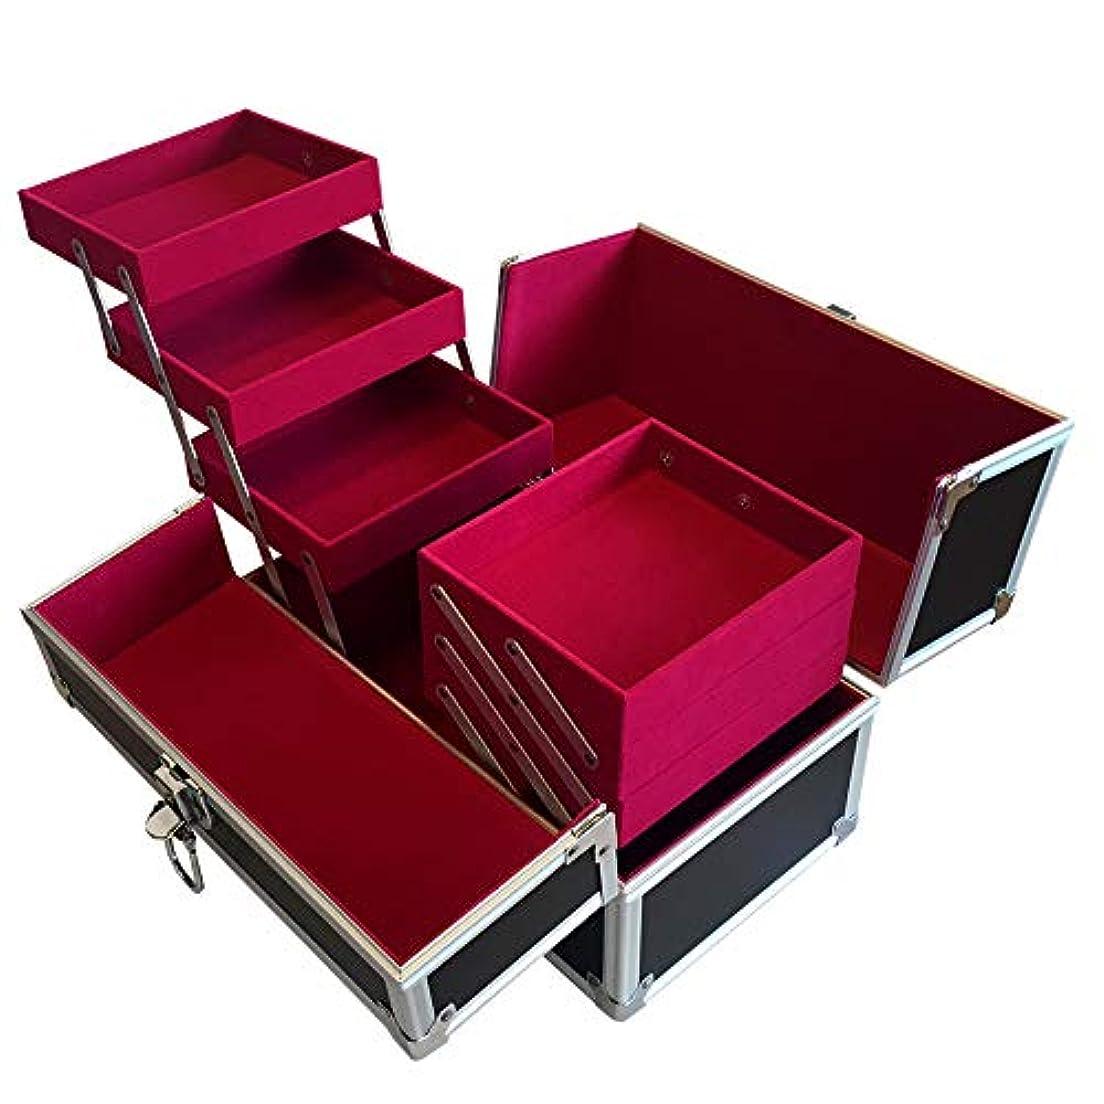 に関してペンフレンド素敵なリライアブル コスメボックス RB002-BKVP 鍵付き プロ仕様 メイクボックス 大容量 化粧品収納 小物入れ 6段トレー ベロア メイクケース コスメBOX 持ち運び ネイルケース